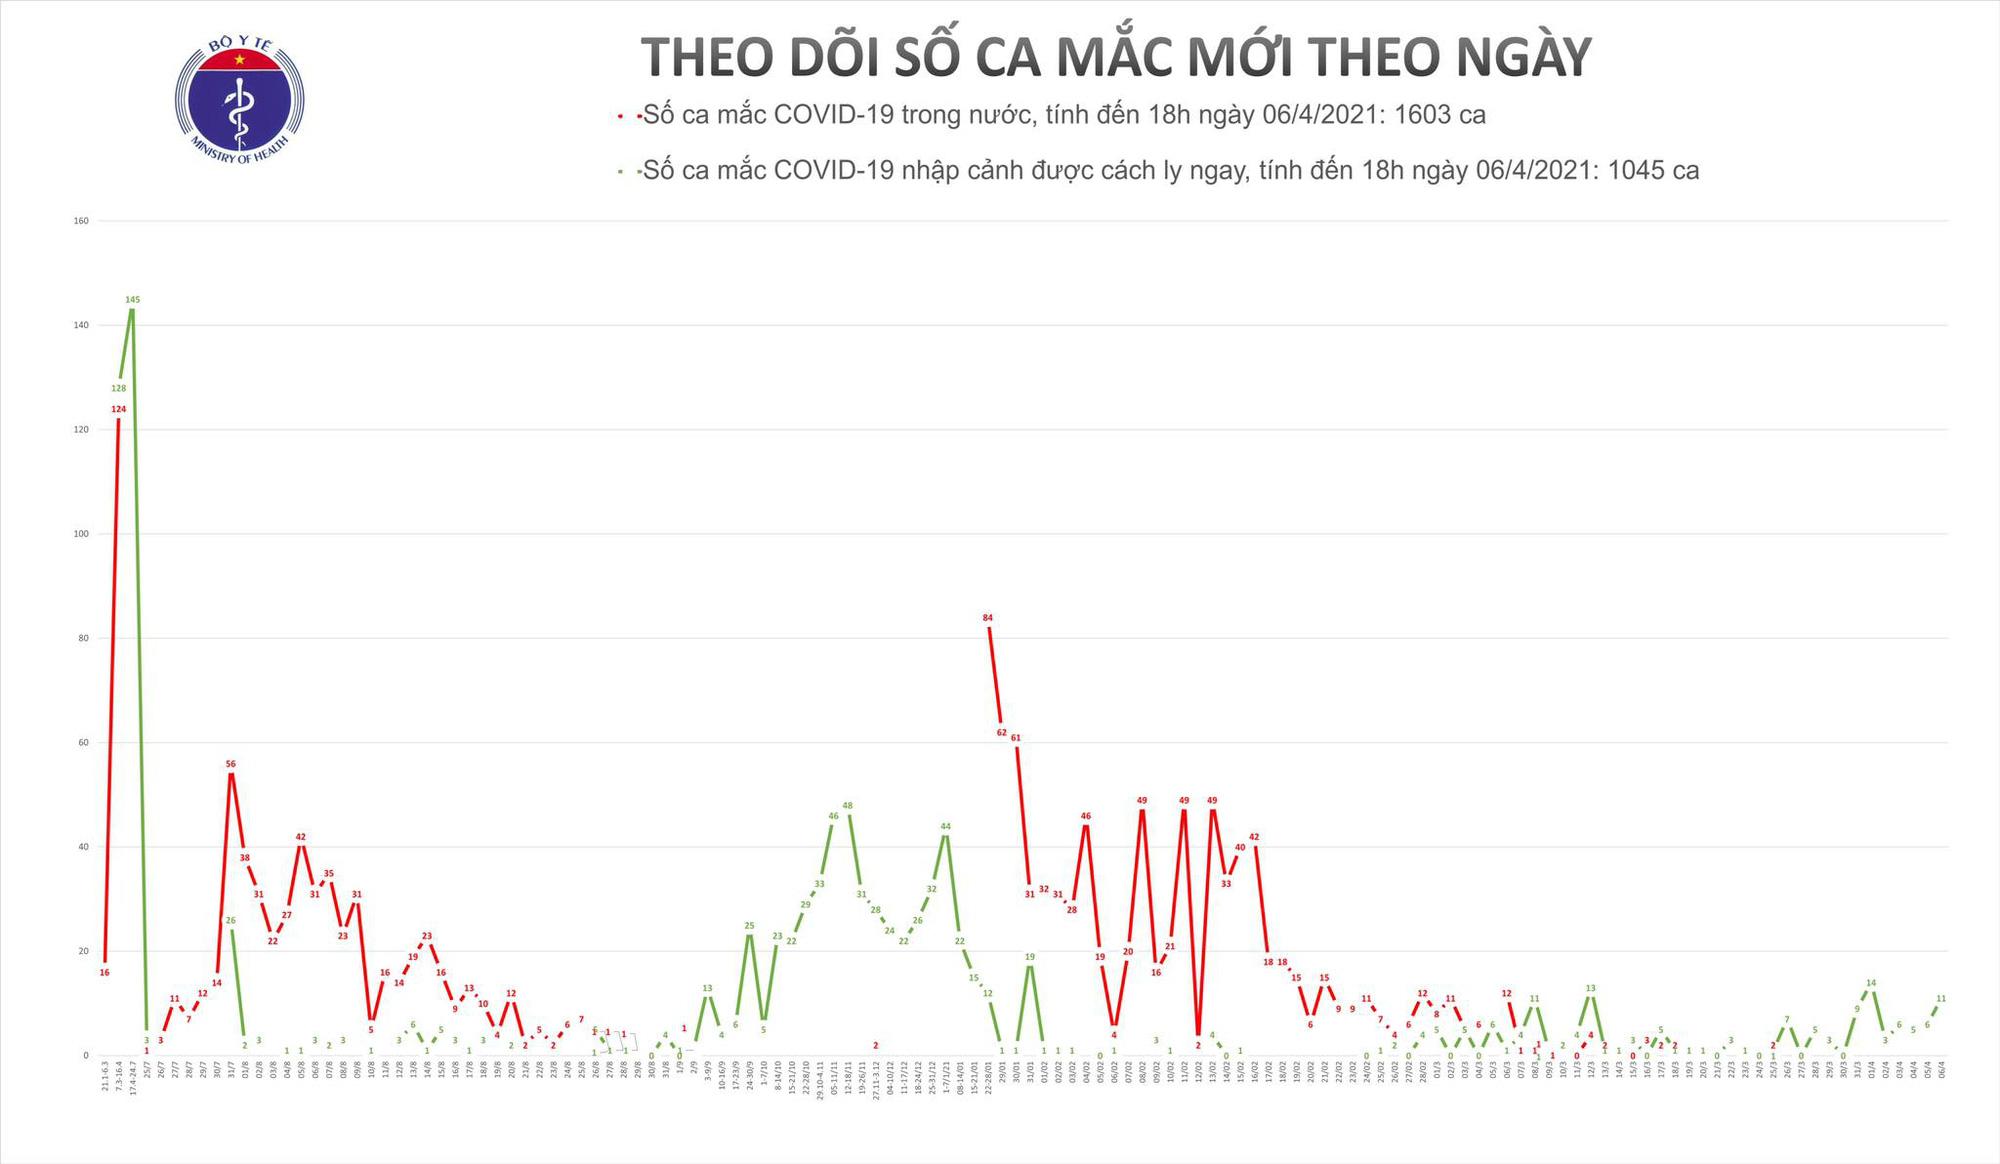 11 người Việt Nam vừa về nước đã phát hiện mắc Covid-19 - Ảnh 1.